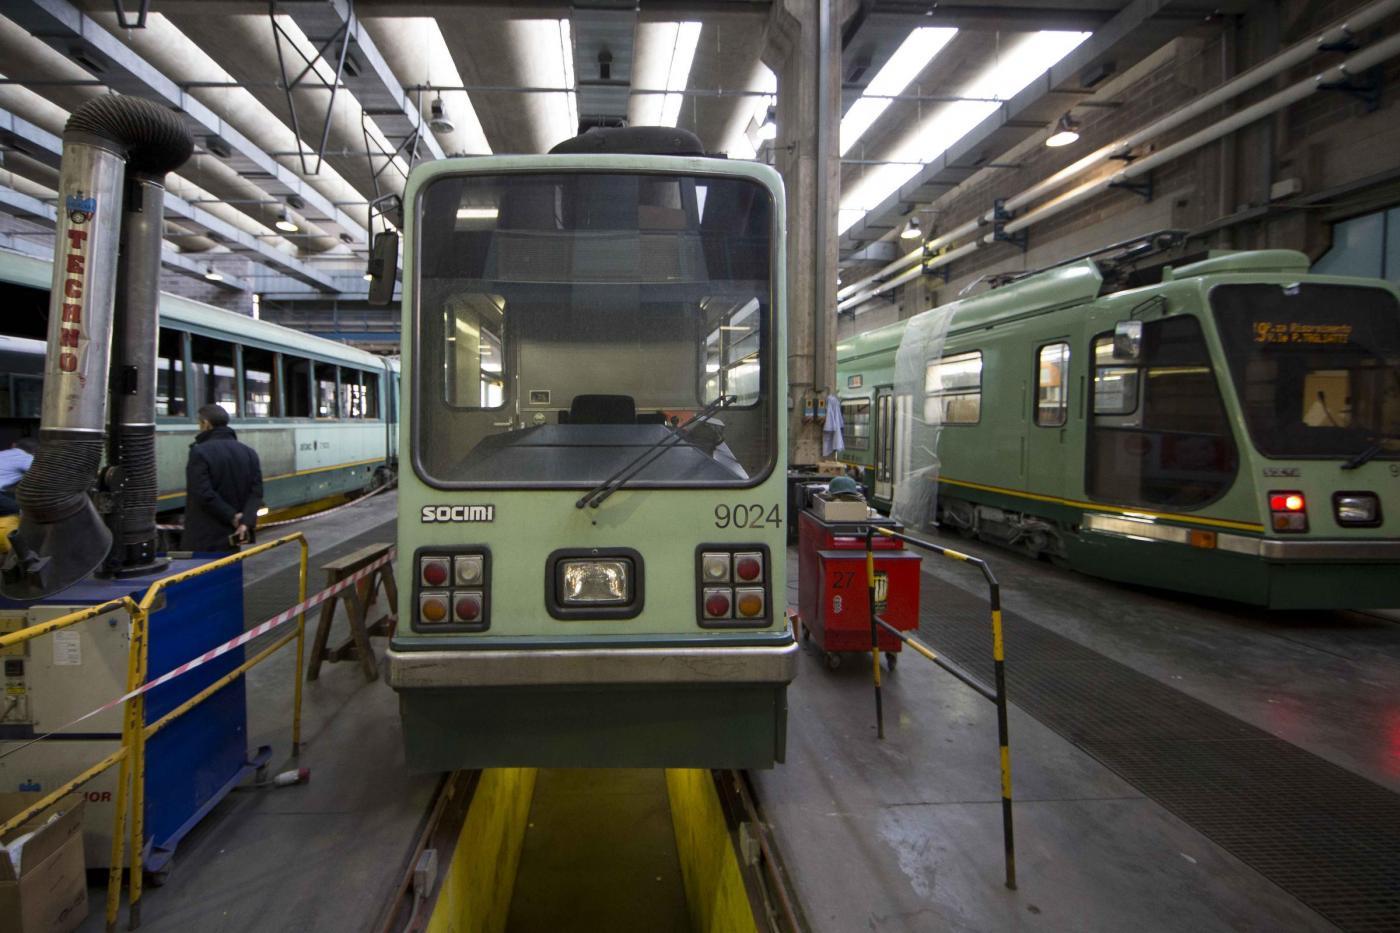 Sciopero Roma ATAC e TPL 13 ottobre 2017: bus, tram, metro e treni irregolari. Orari e fasce di garanzia